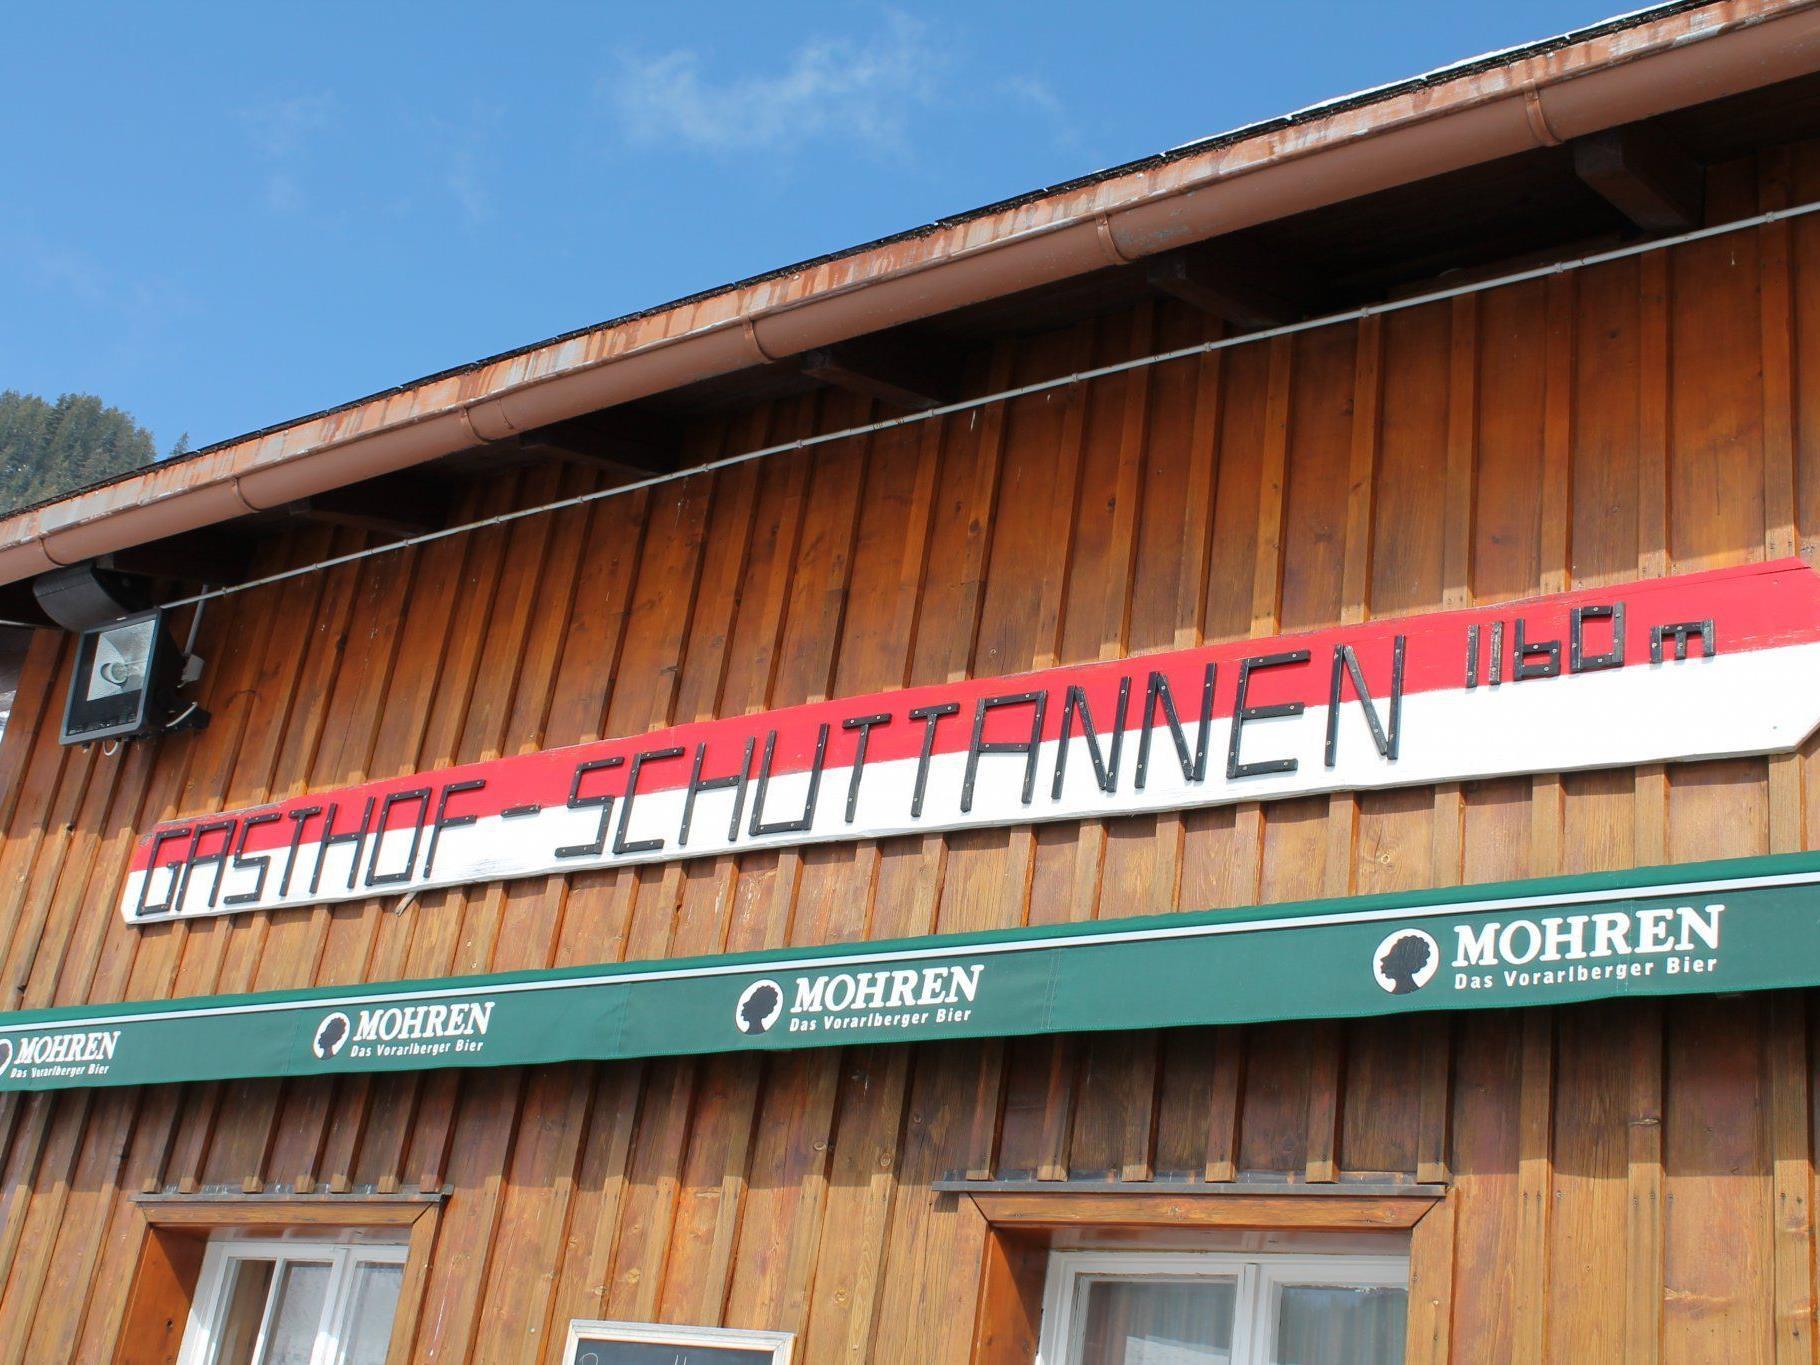 Berggasthaus Schuttannen